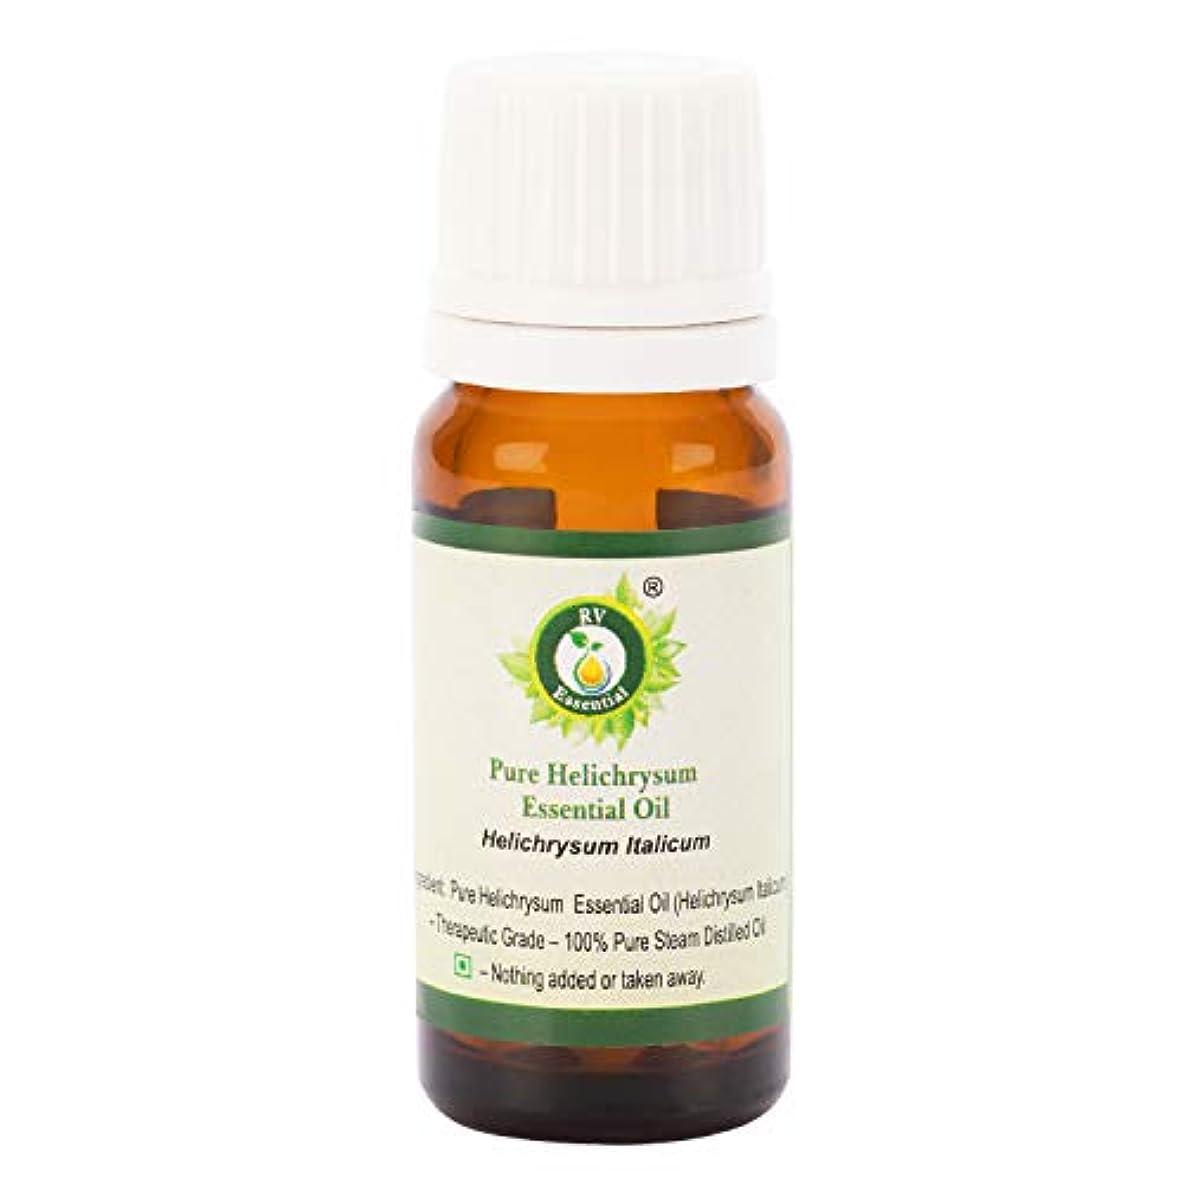 申請中審判原点ピュアヘリクリサムエッセンシャルオイル300ml (10oz)- Helichrysum Italicum (100%純粋&天然スチームDistilled) Pure Helichrysum Essential Oil